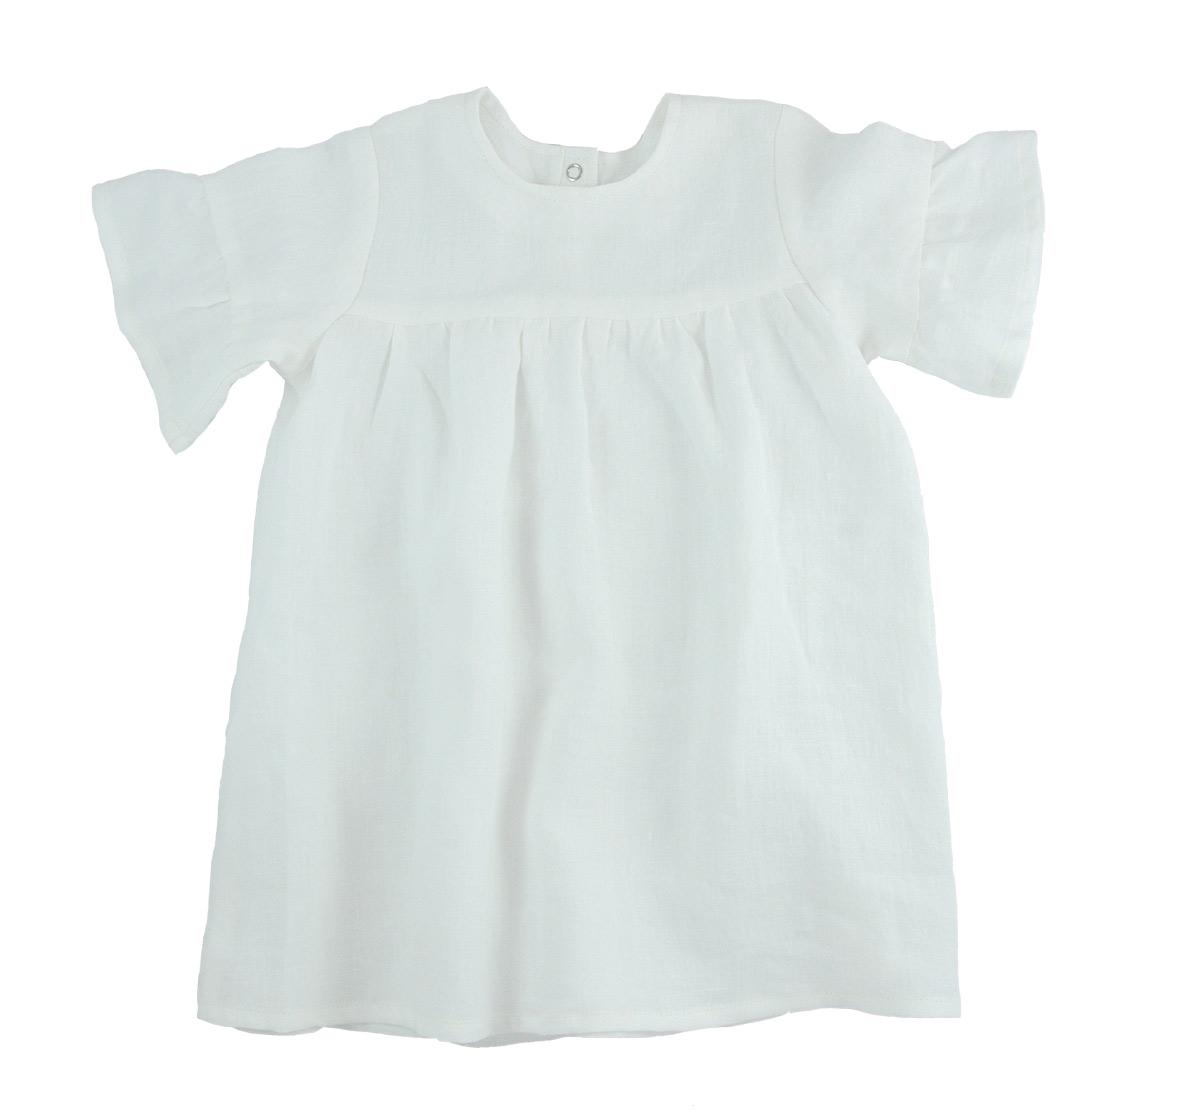 Minimundus klänning med kort ärm 100% ekologiskt lin vit